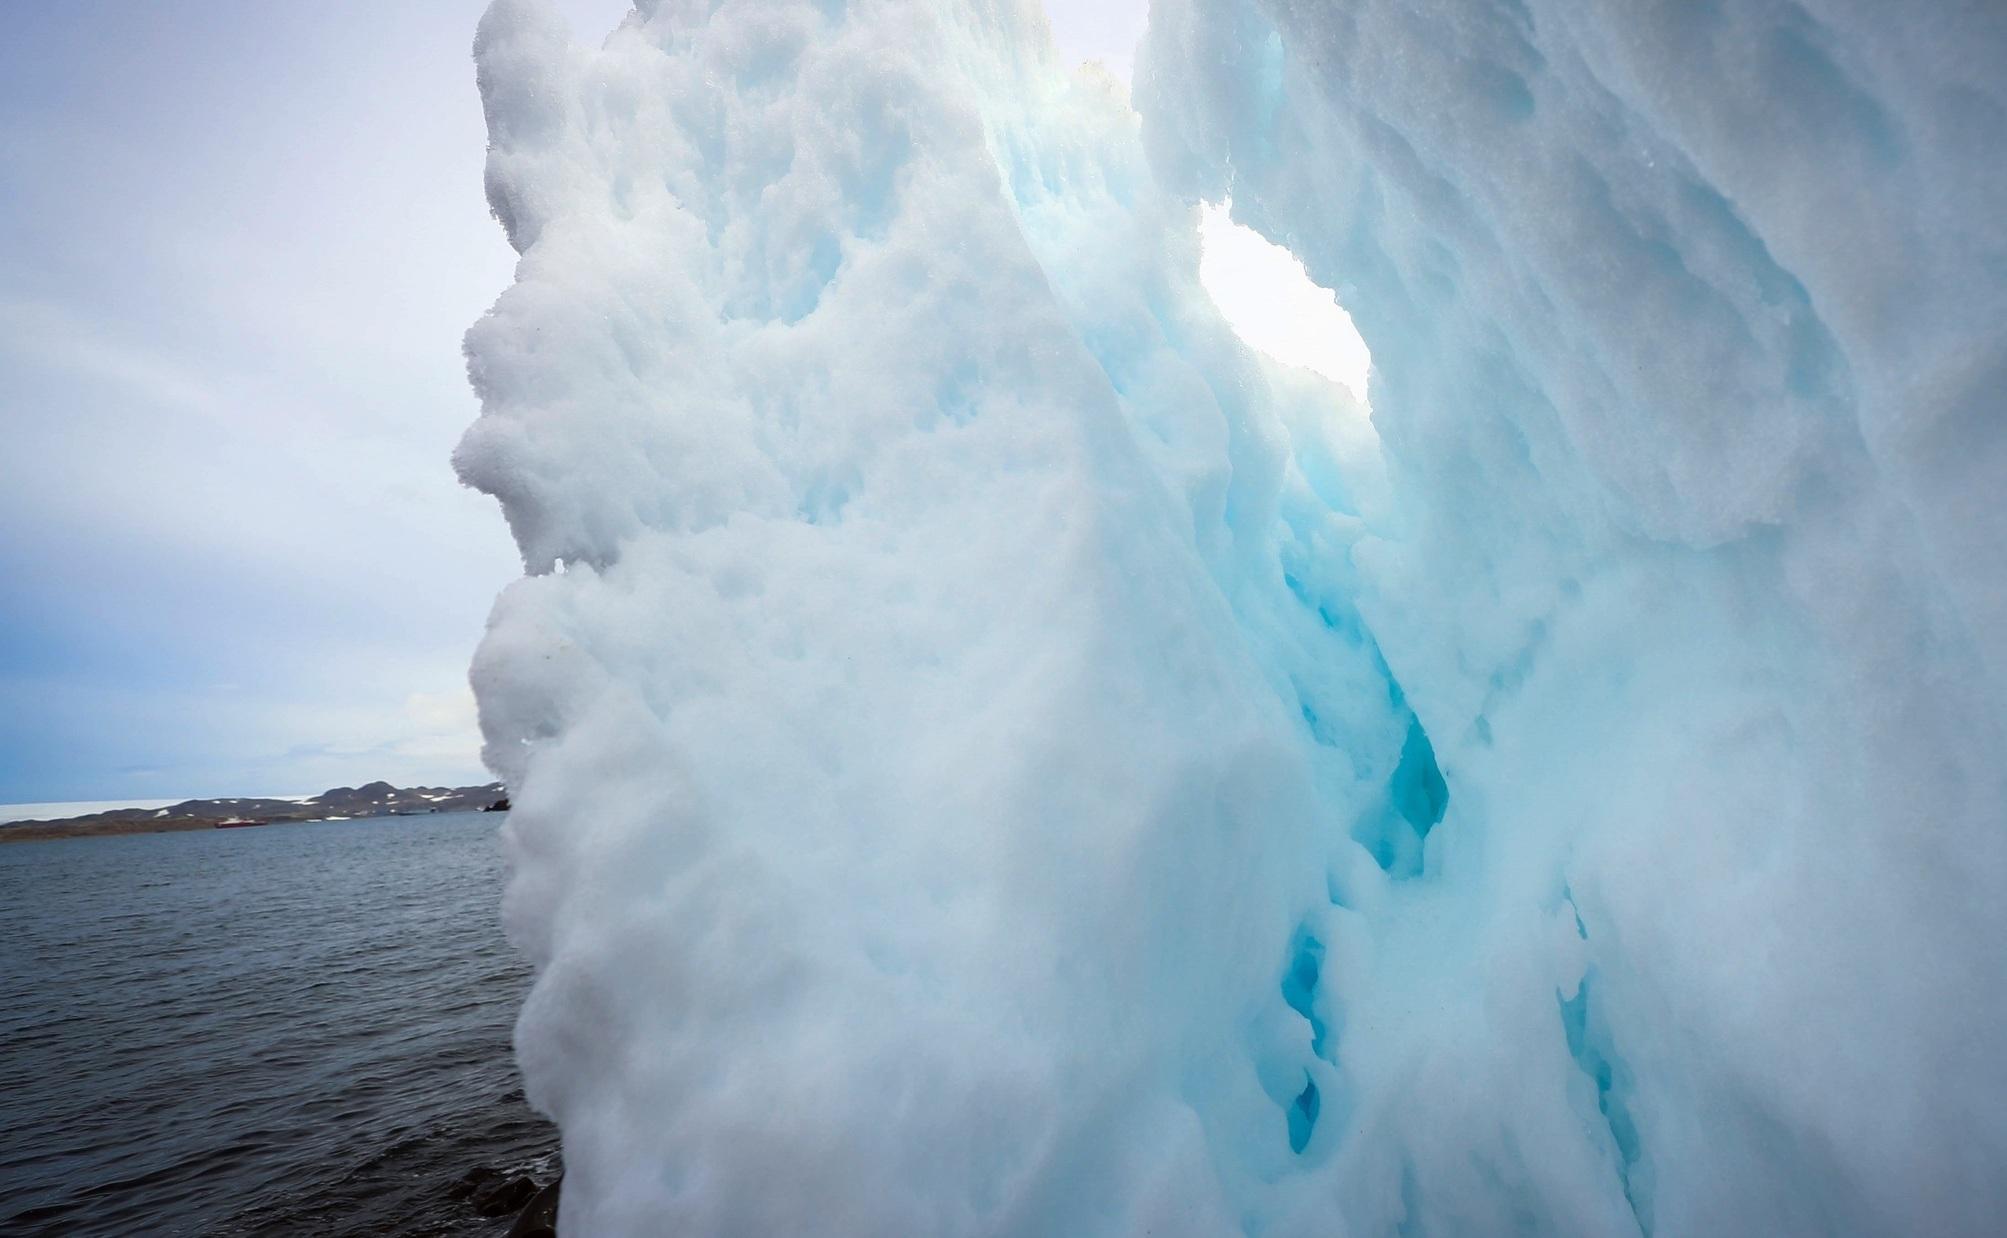 Un tercio de la masa de los glaciares podría derretirse este siglo 😨